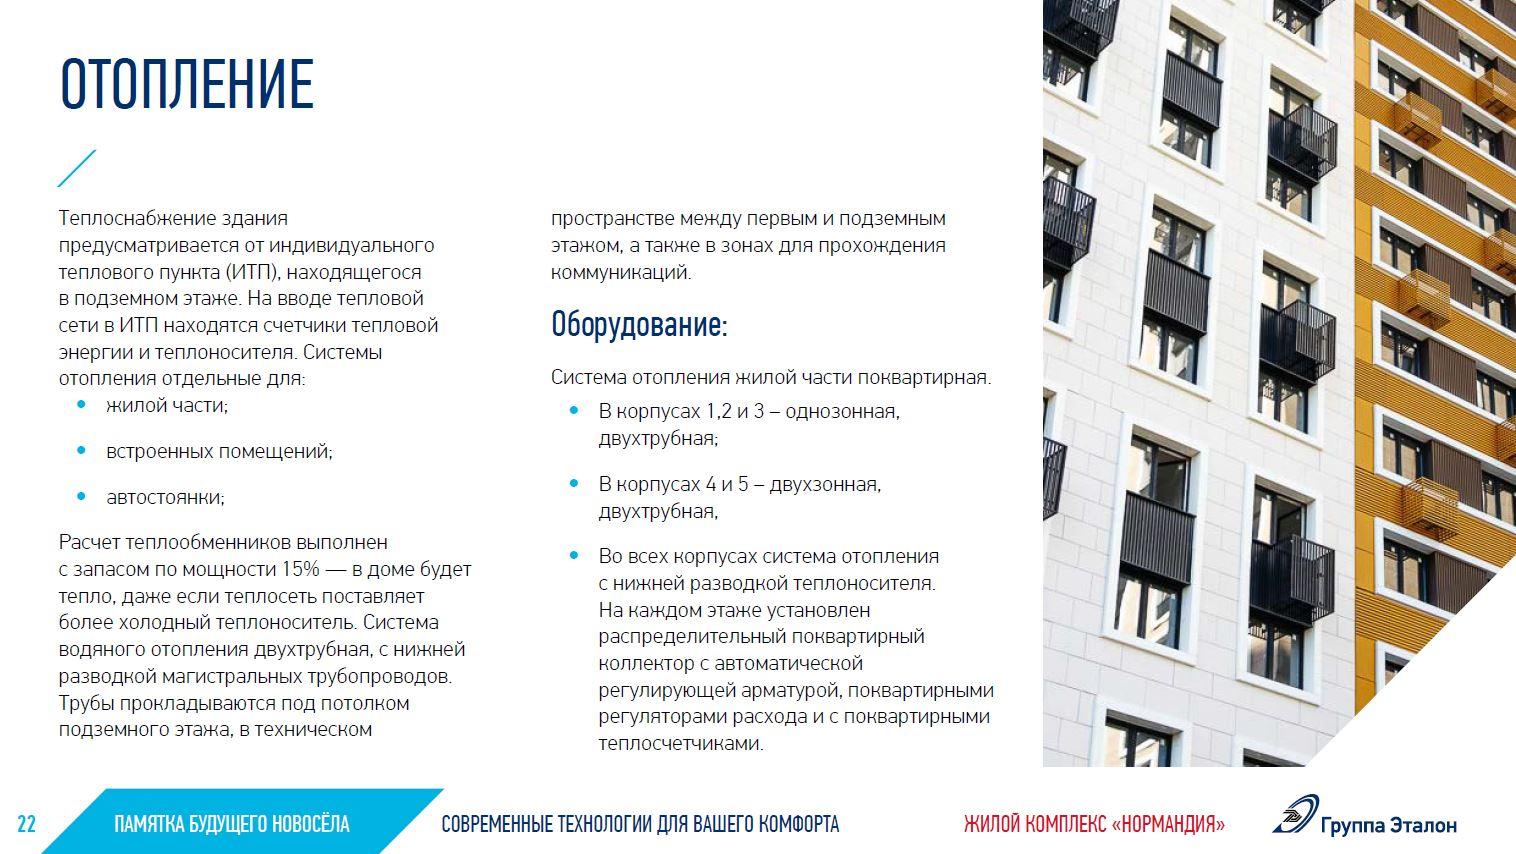 """Инженерия ЖК """"Нормандия"""": лифты, вентиляция, противопожарная система, электроснабжение и электрооборудование, отопление, водоснабжение, безопасность  _5pJhlo5Ysk"""